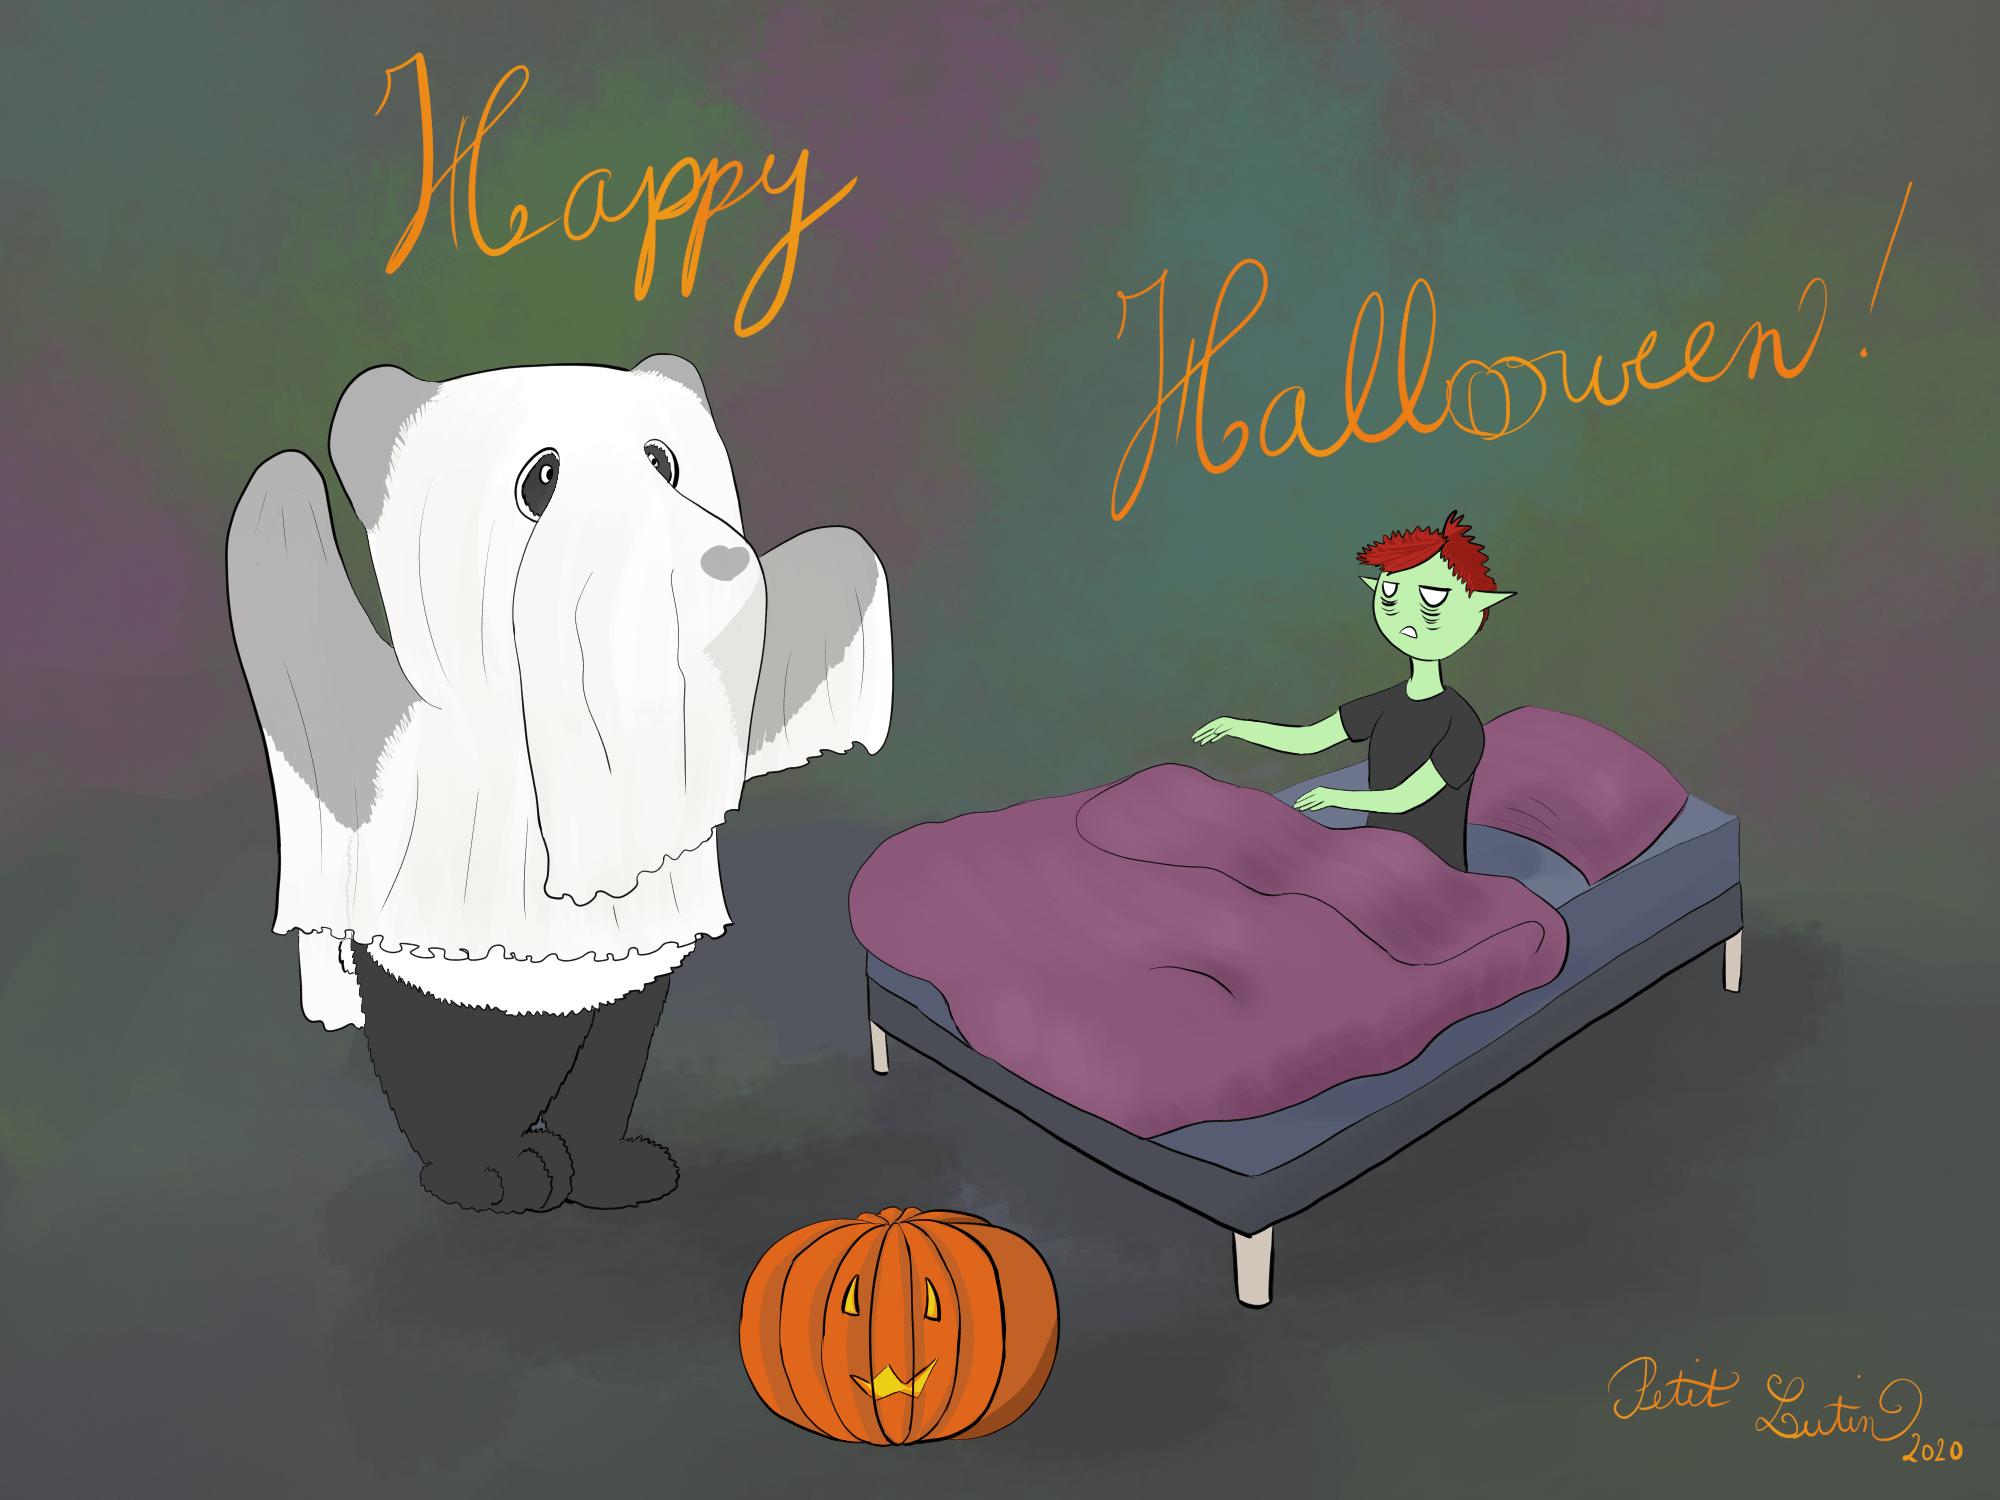 Moustache le panda est déguisé en fantôme pour Halloween. Petit Lutin est dans son lit, presque pas déguisée mais fait la zombie avec ses gros cernes sous les yeux et ses bras en avant.